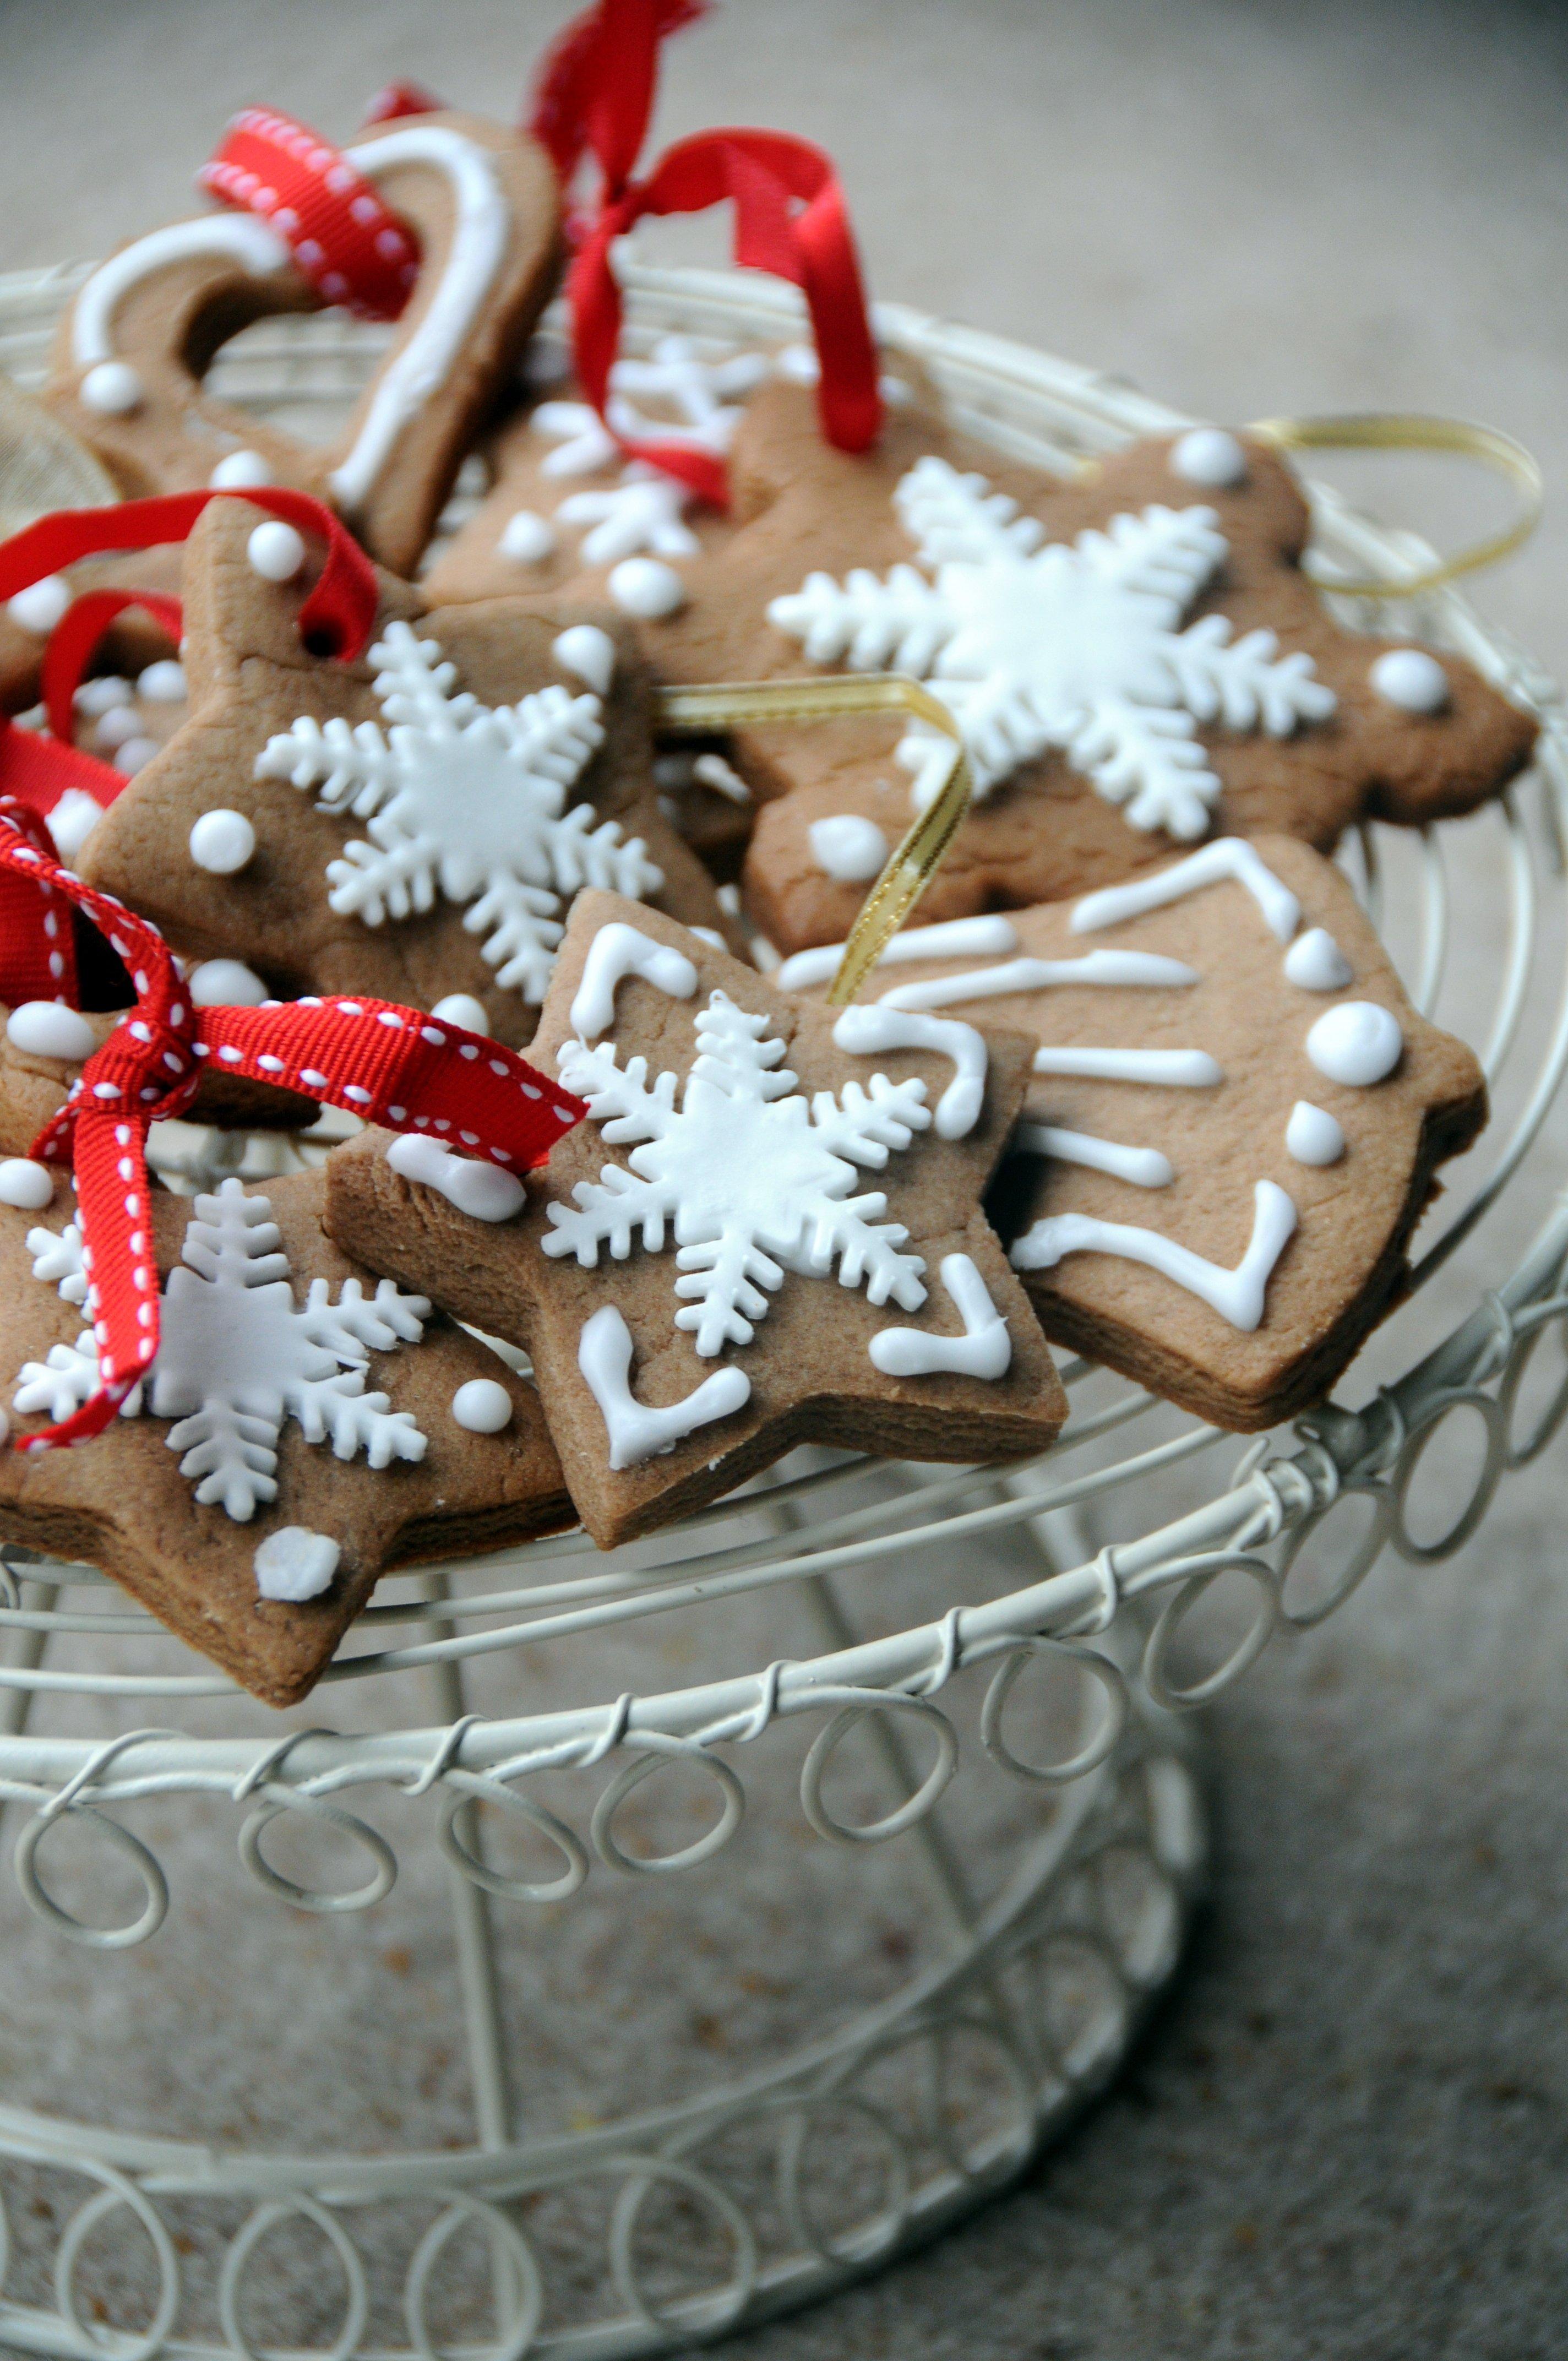 Weihnachten waren niemals so lecker - das Rezept und die Anleitung für Lebkuchen finden Sie hier